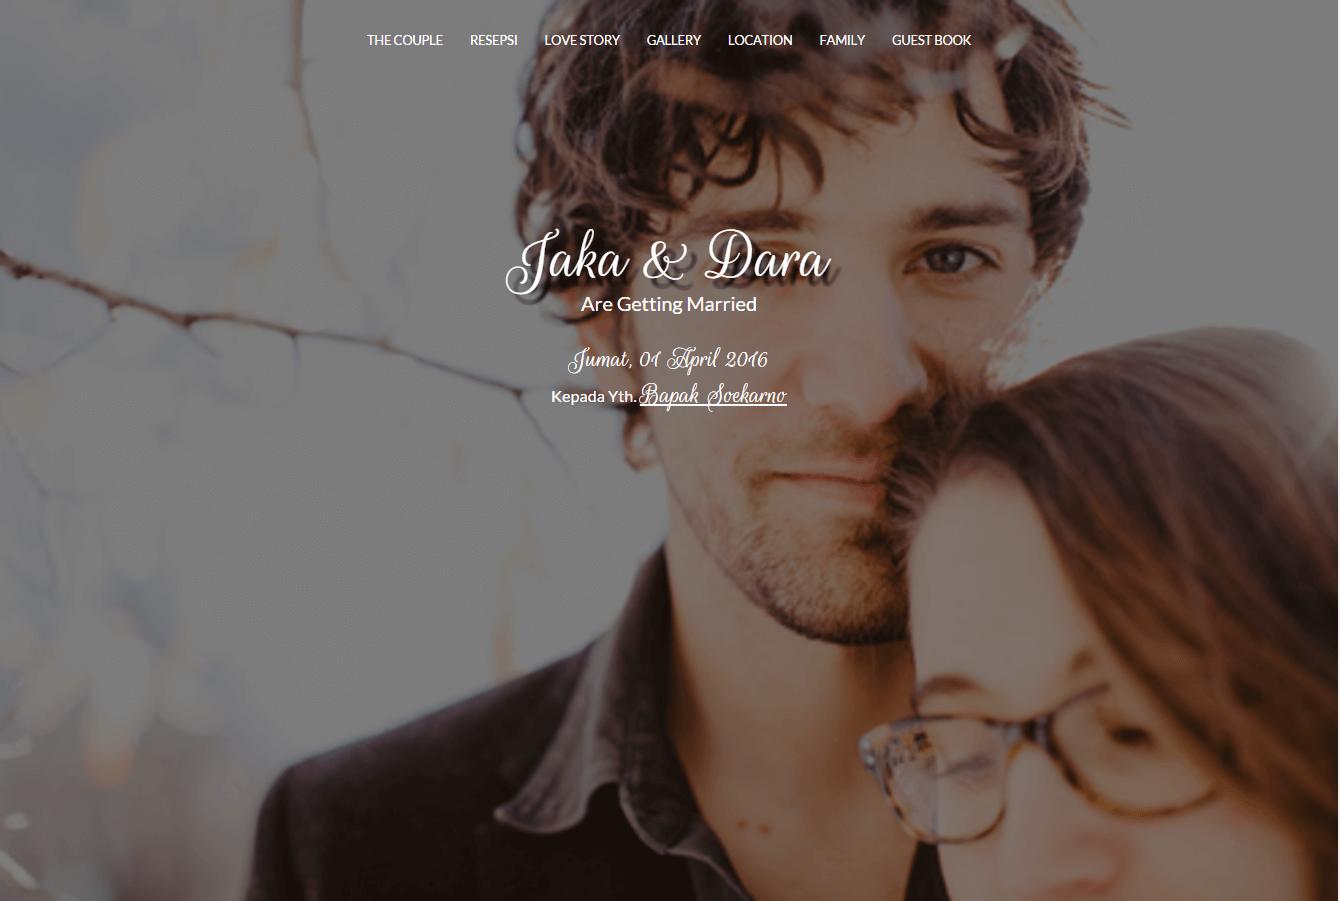 Desain undangan online Matrimony datangya - home